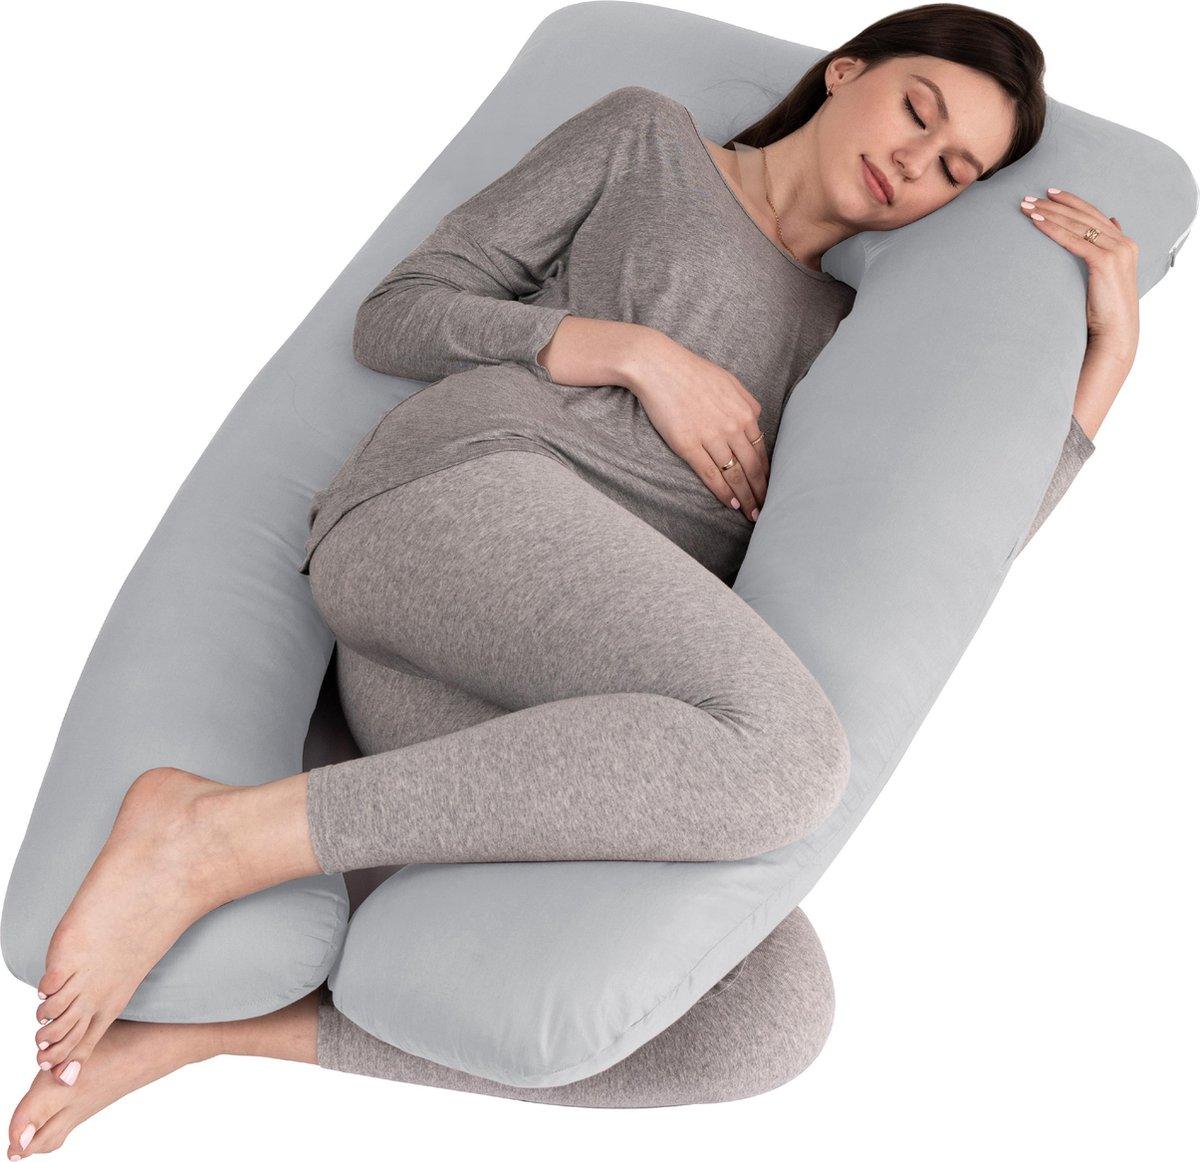 Zwangerschapskussen XXL | Voedingskussen | Lichaamskussen | 280cm | Incl. opbergtas | Afneembare hoes | Grijs